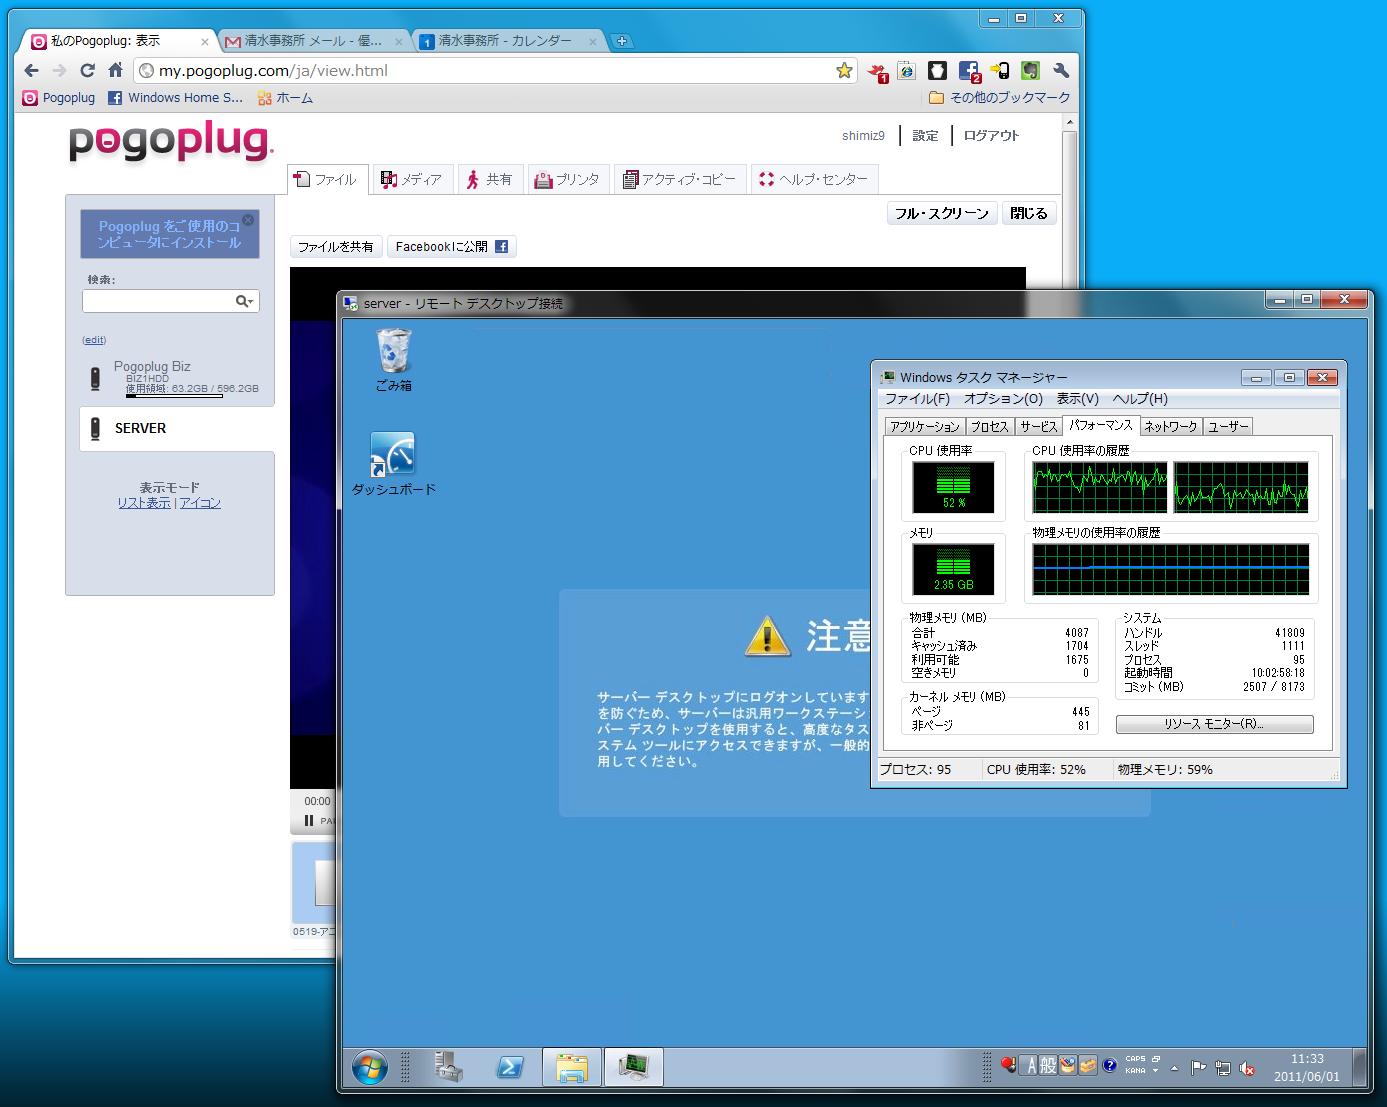 動画再生中のHP ProLiant MicroServerのタスクマネージャー。CPU負荷はさほどでもないが、エンコードのスピードが再生に追いつかないとスムーズさに欠ける。高性能なCPUのサーバーを利用するのがおすすめ